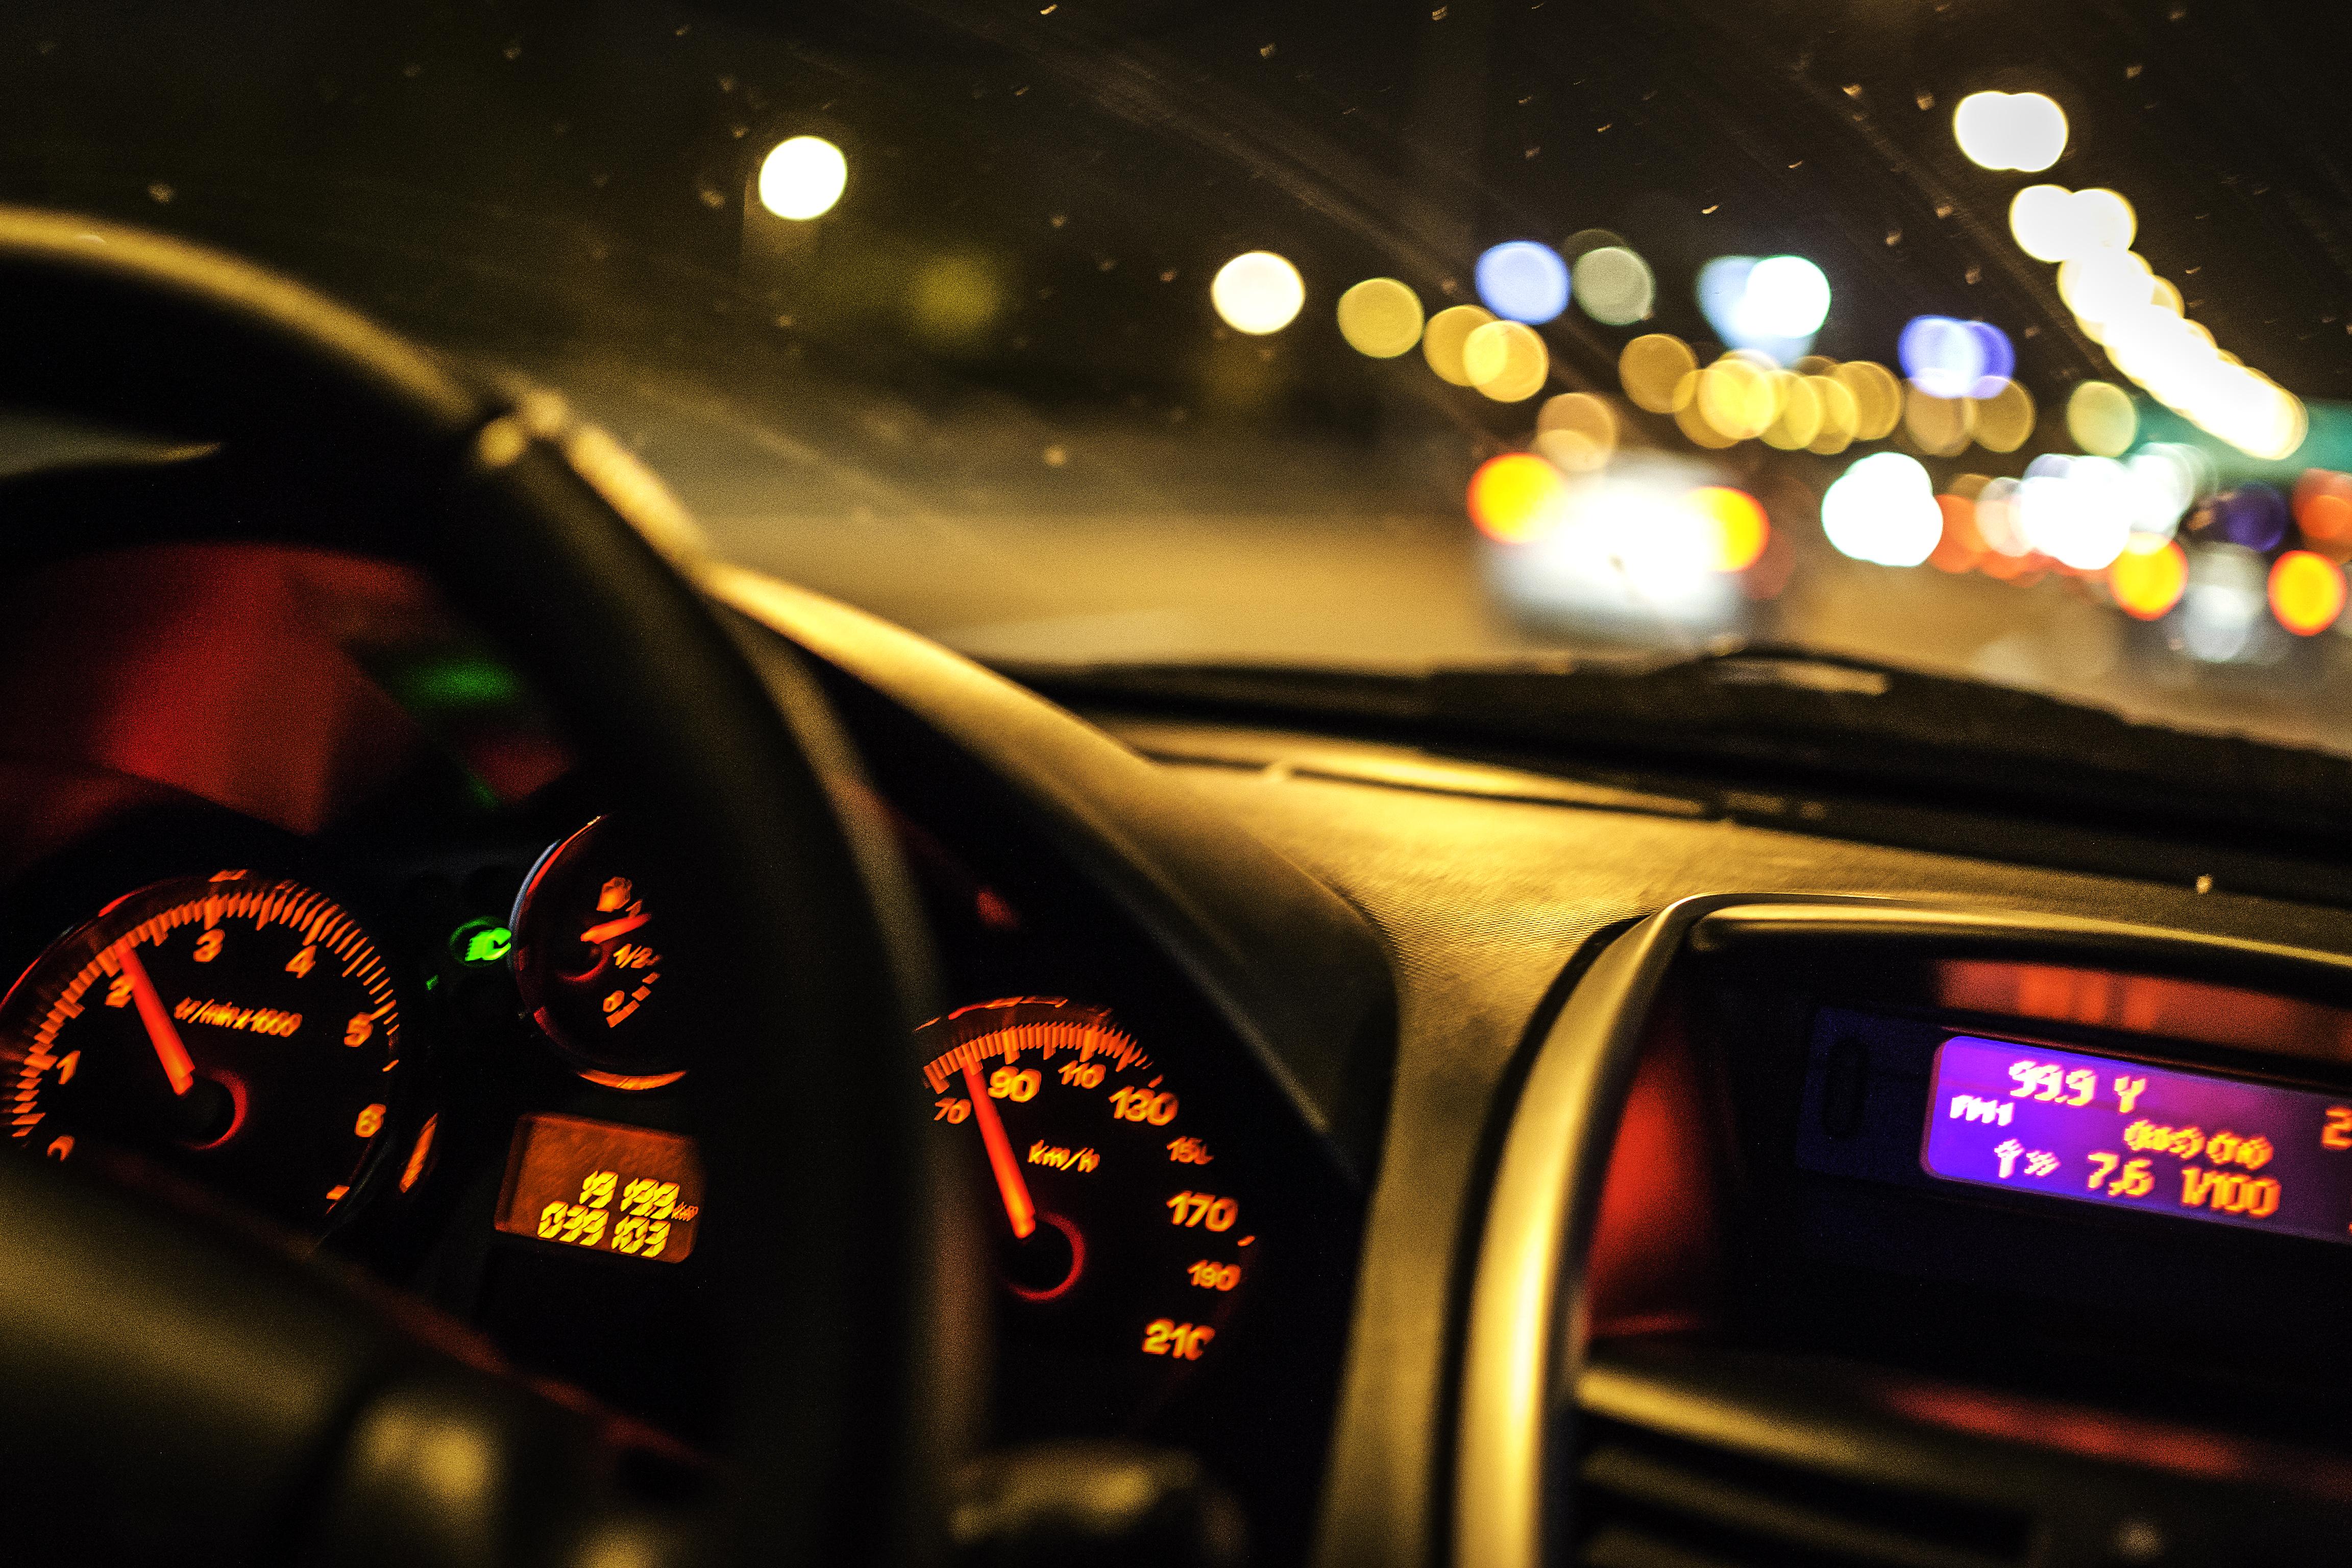 после фото панели приборов машины ночью уровне отдельных бойцов